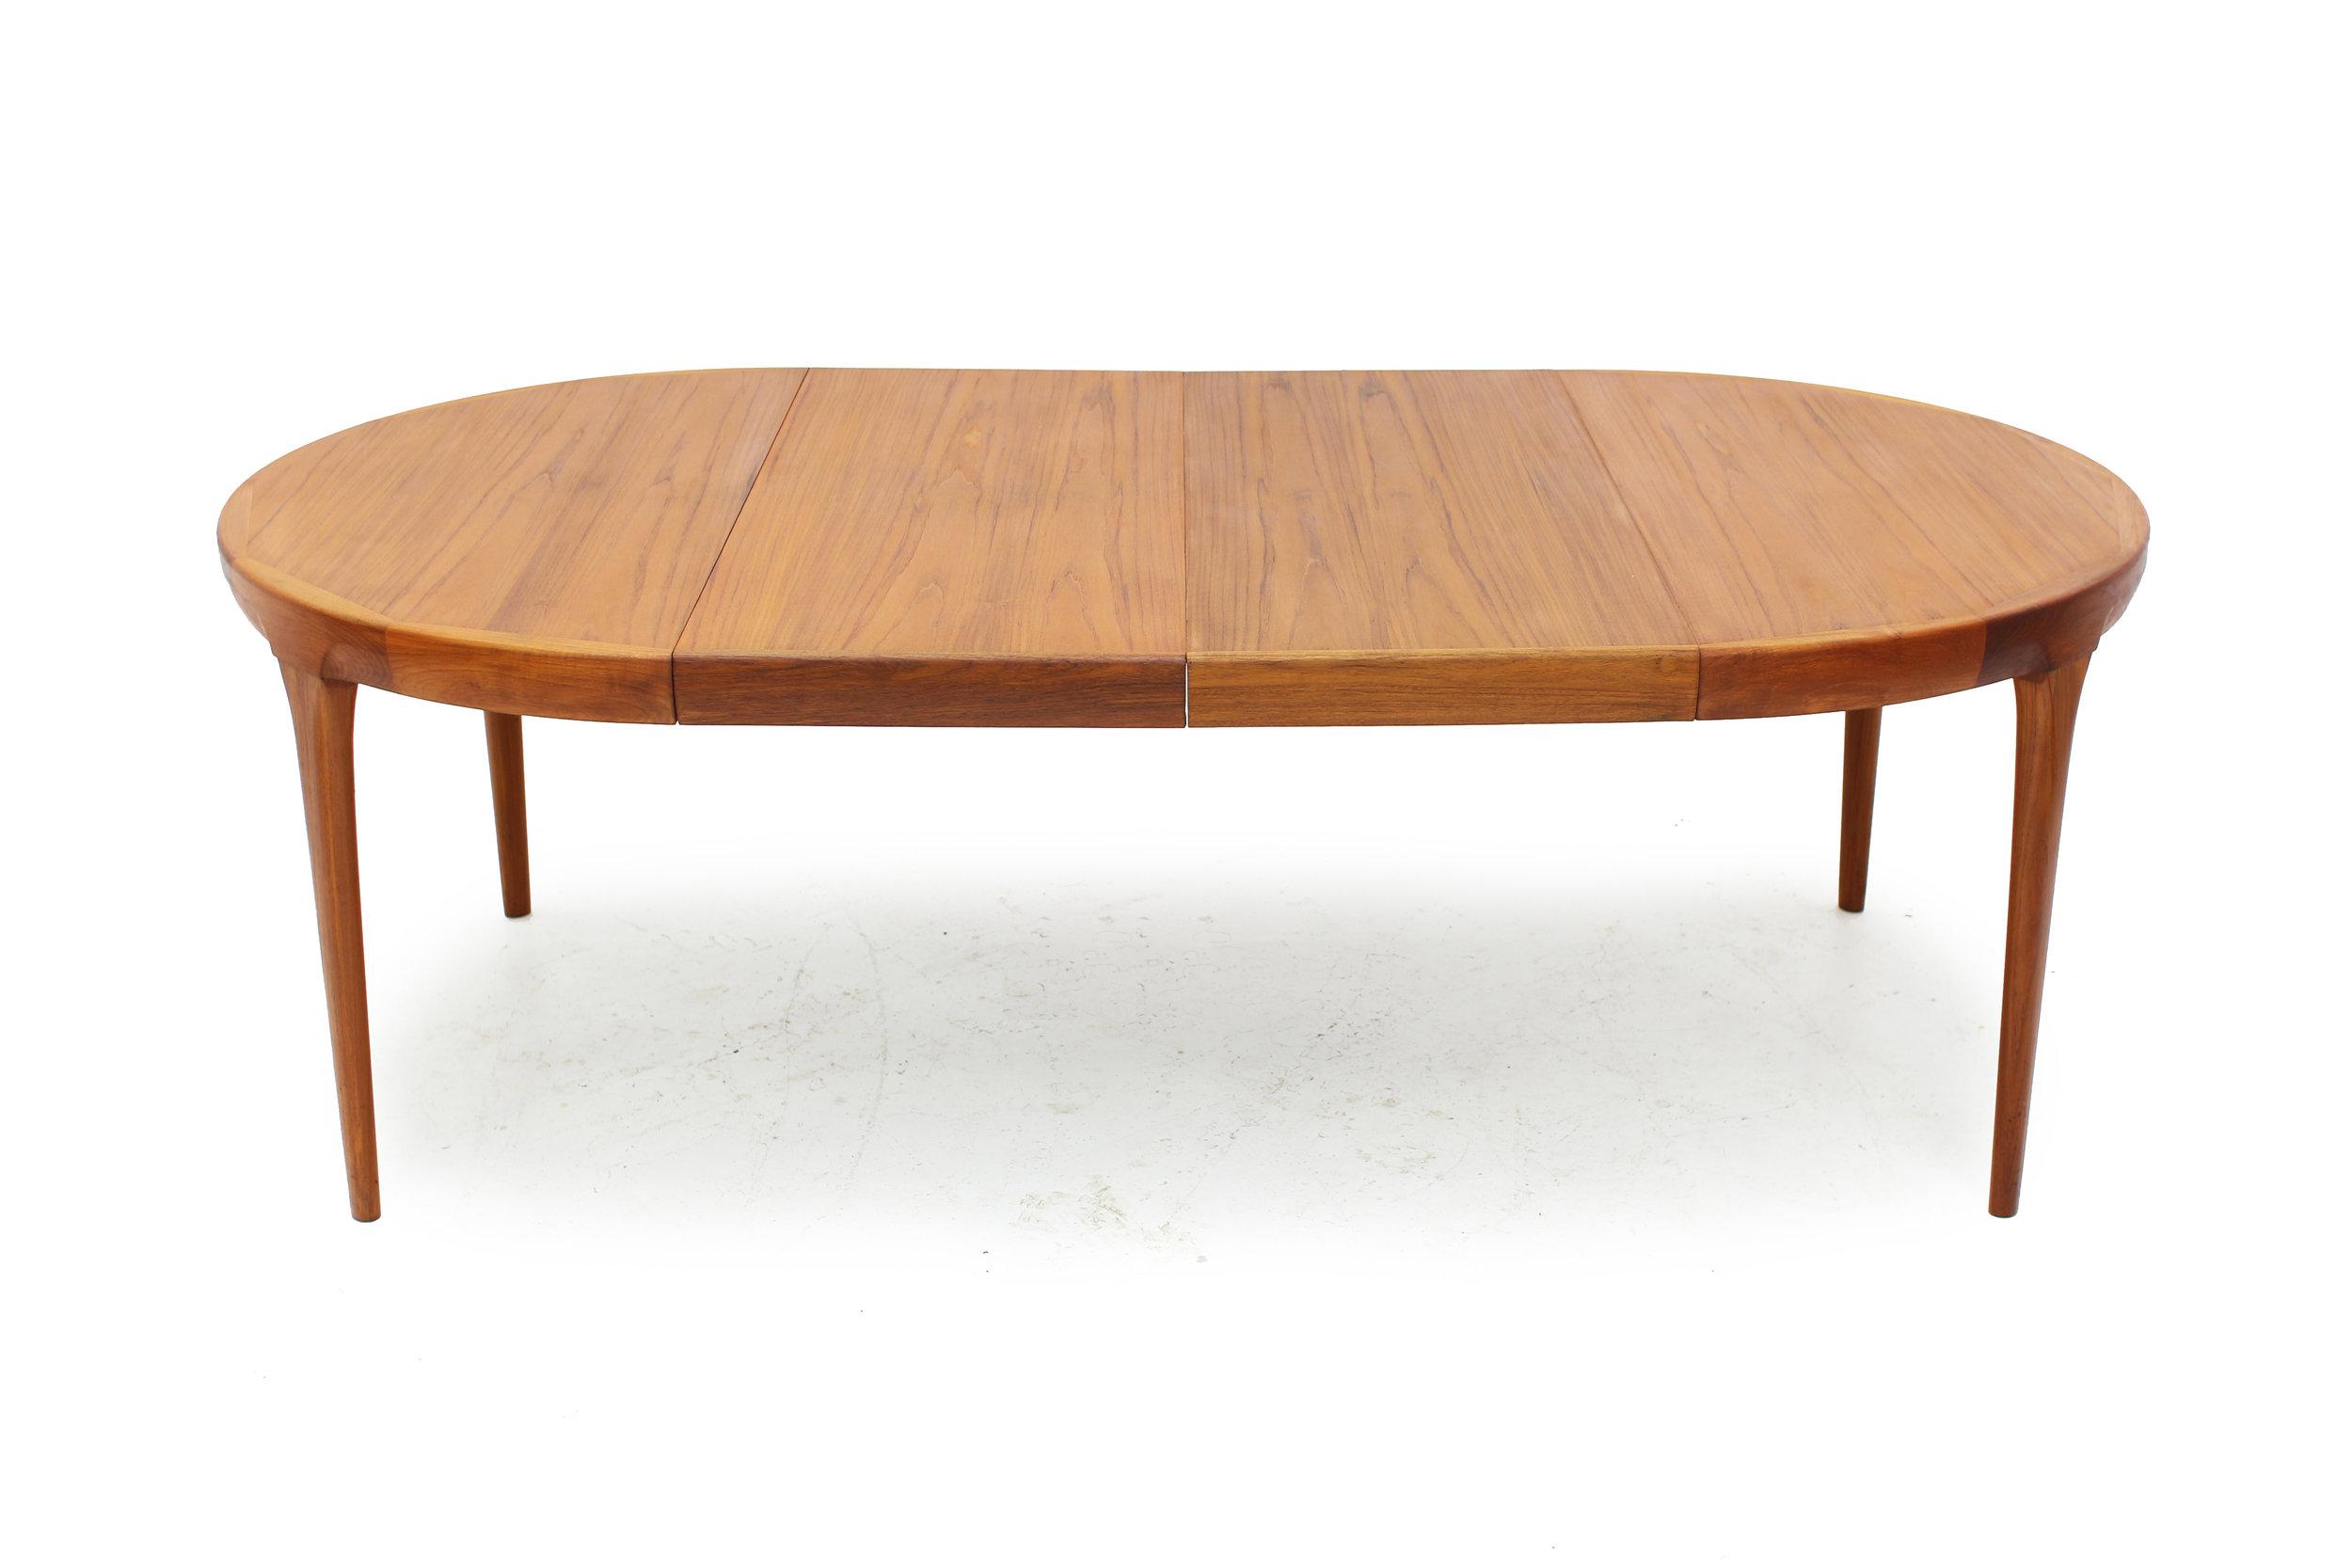 mid-century-teak-dining-table-ib-kofod-larsen-two-leaves.jpg